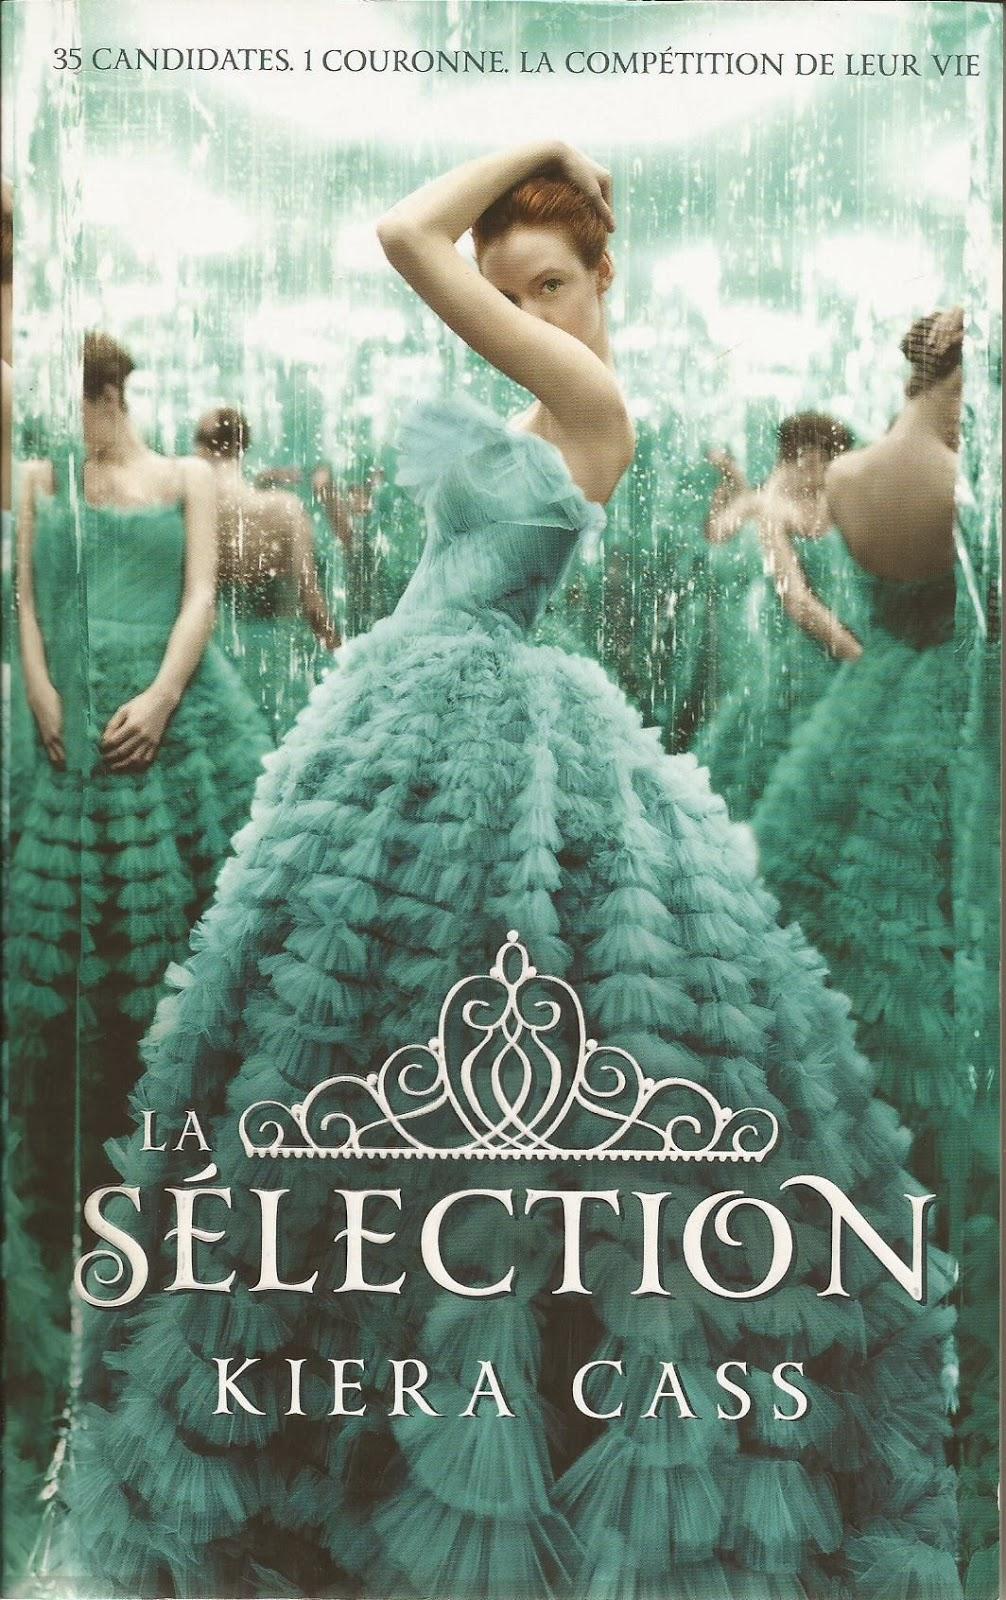 La Selection Kiera Cass Les Mondes de Cassandre